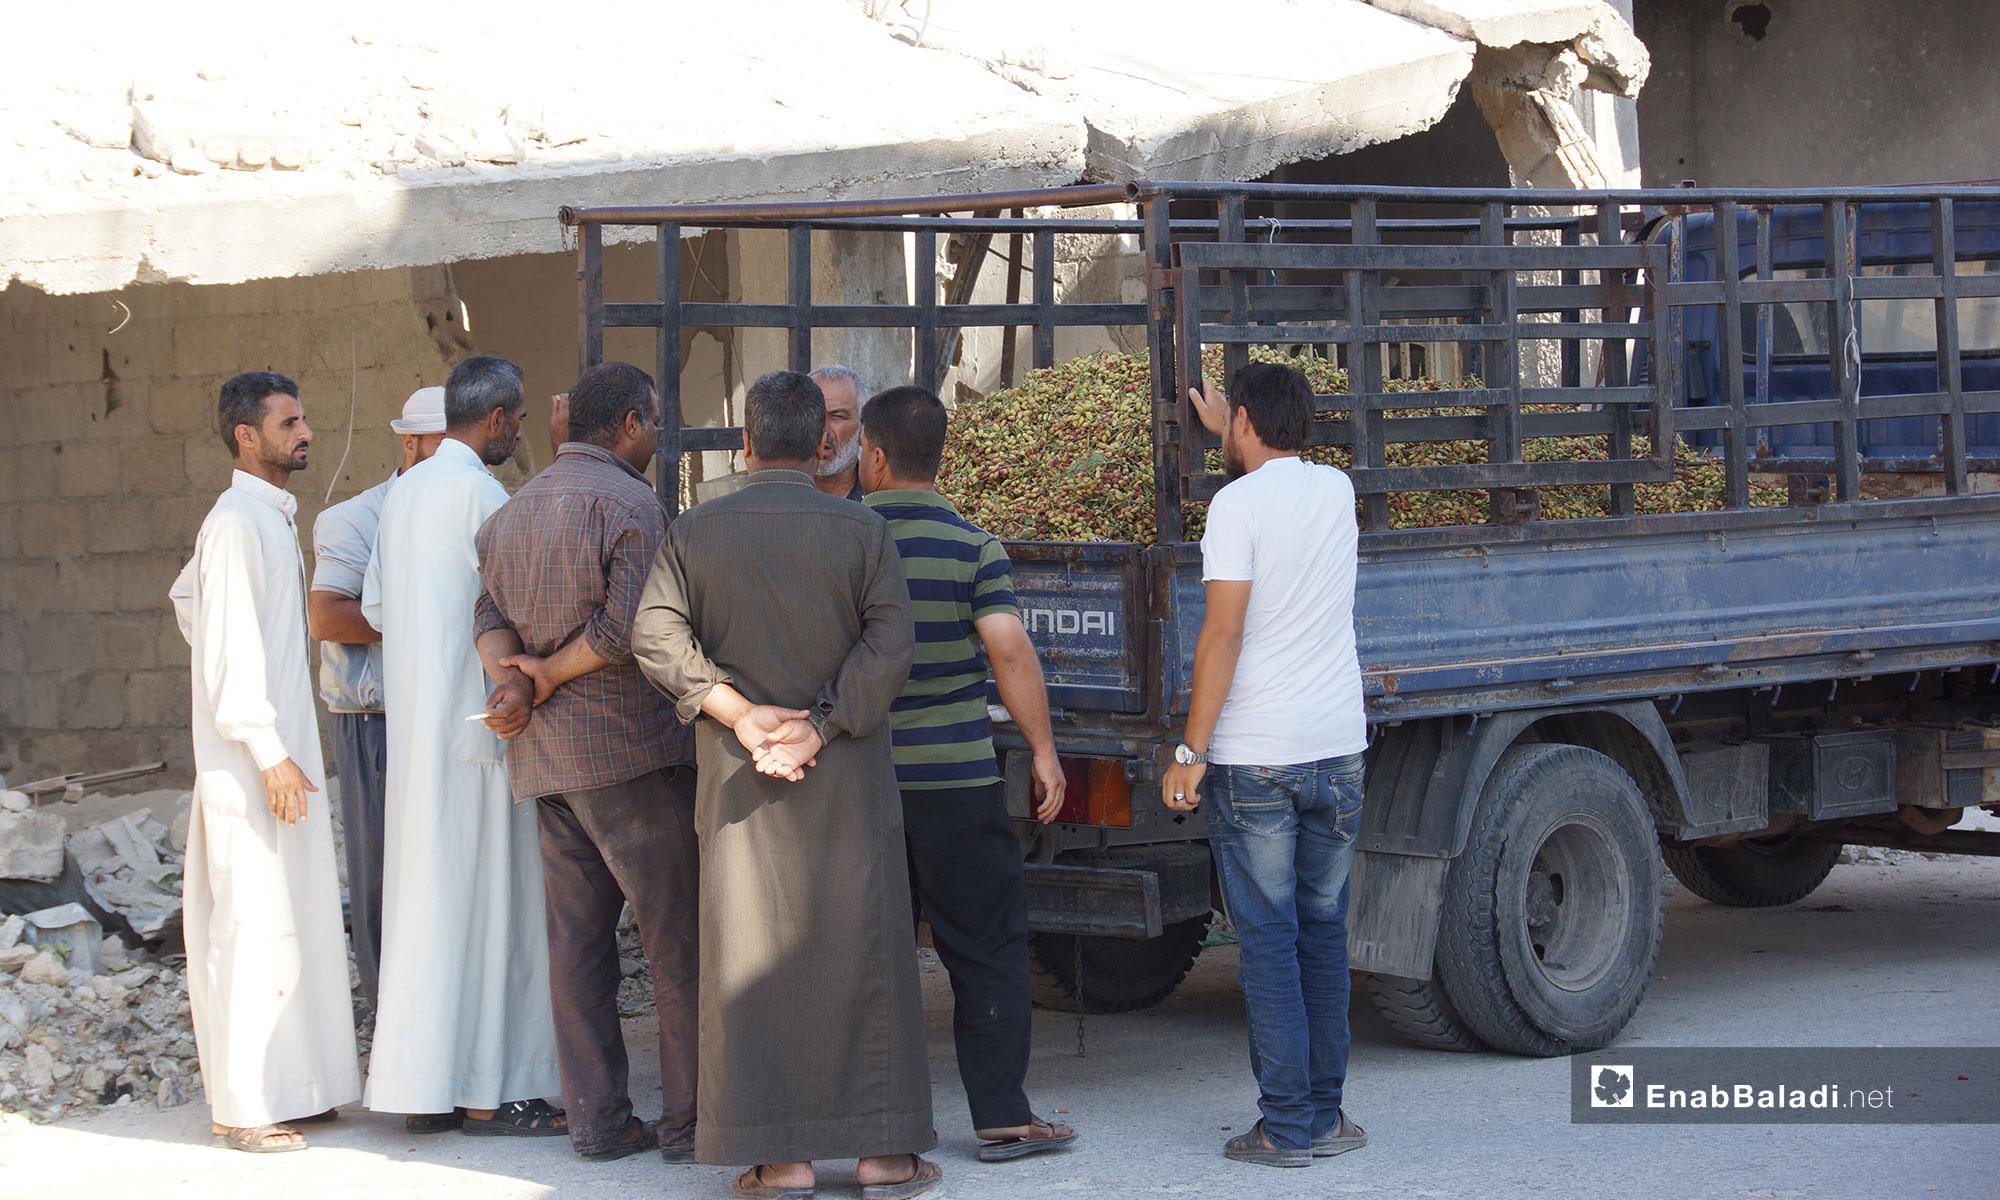 سوق الفستق الحلبي في مدينة مورك بريف حماة – 28 تموز 2018 (عنب بلدي)